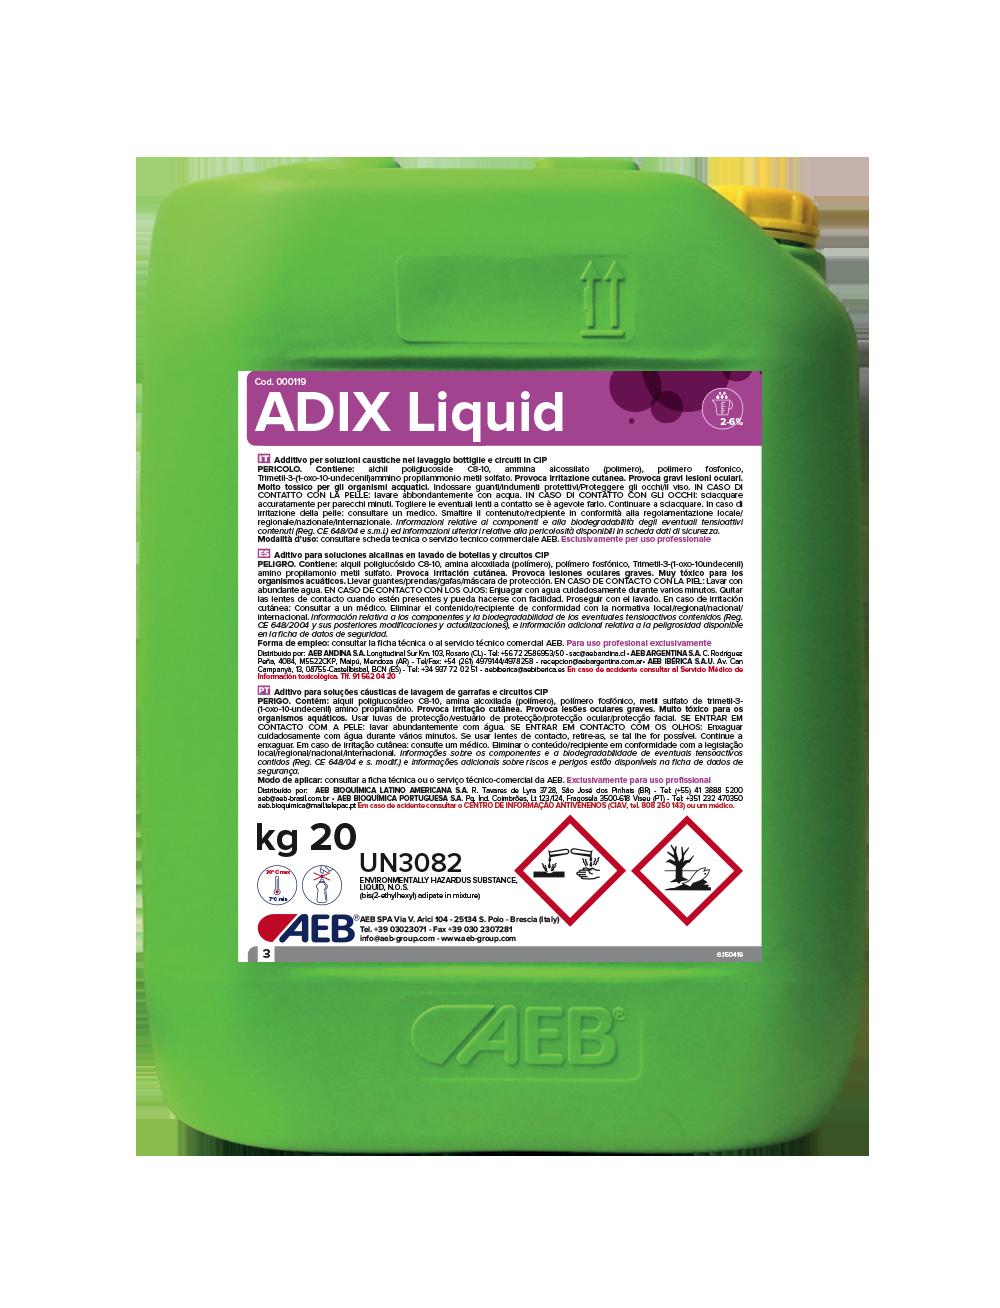 ADIX Liquid